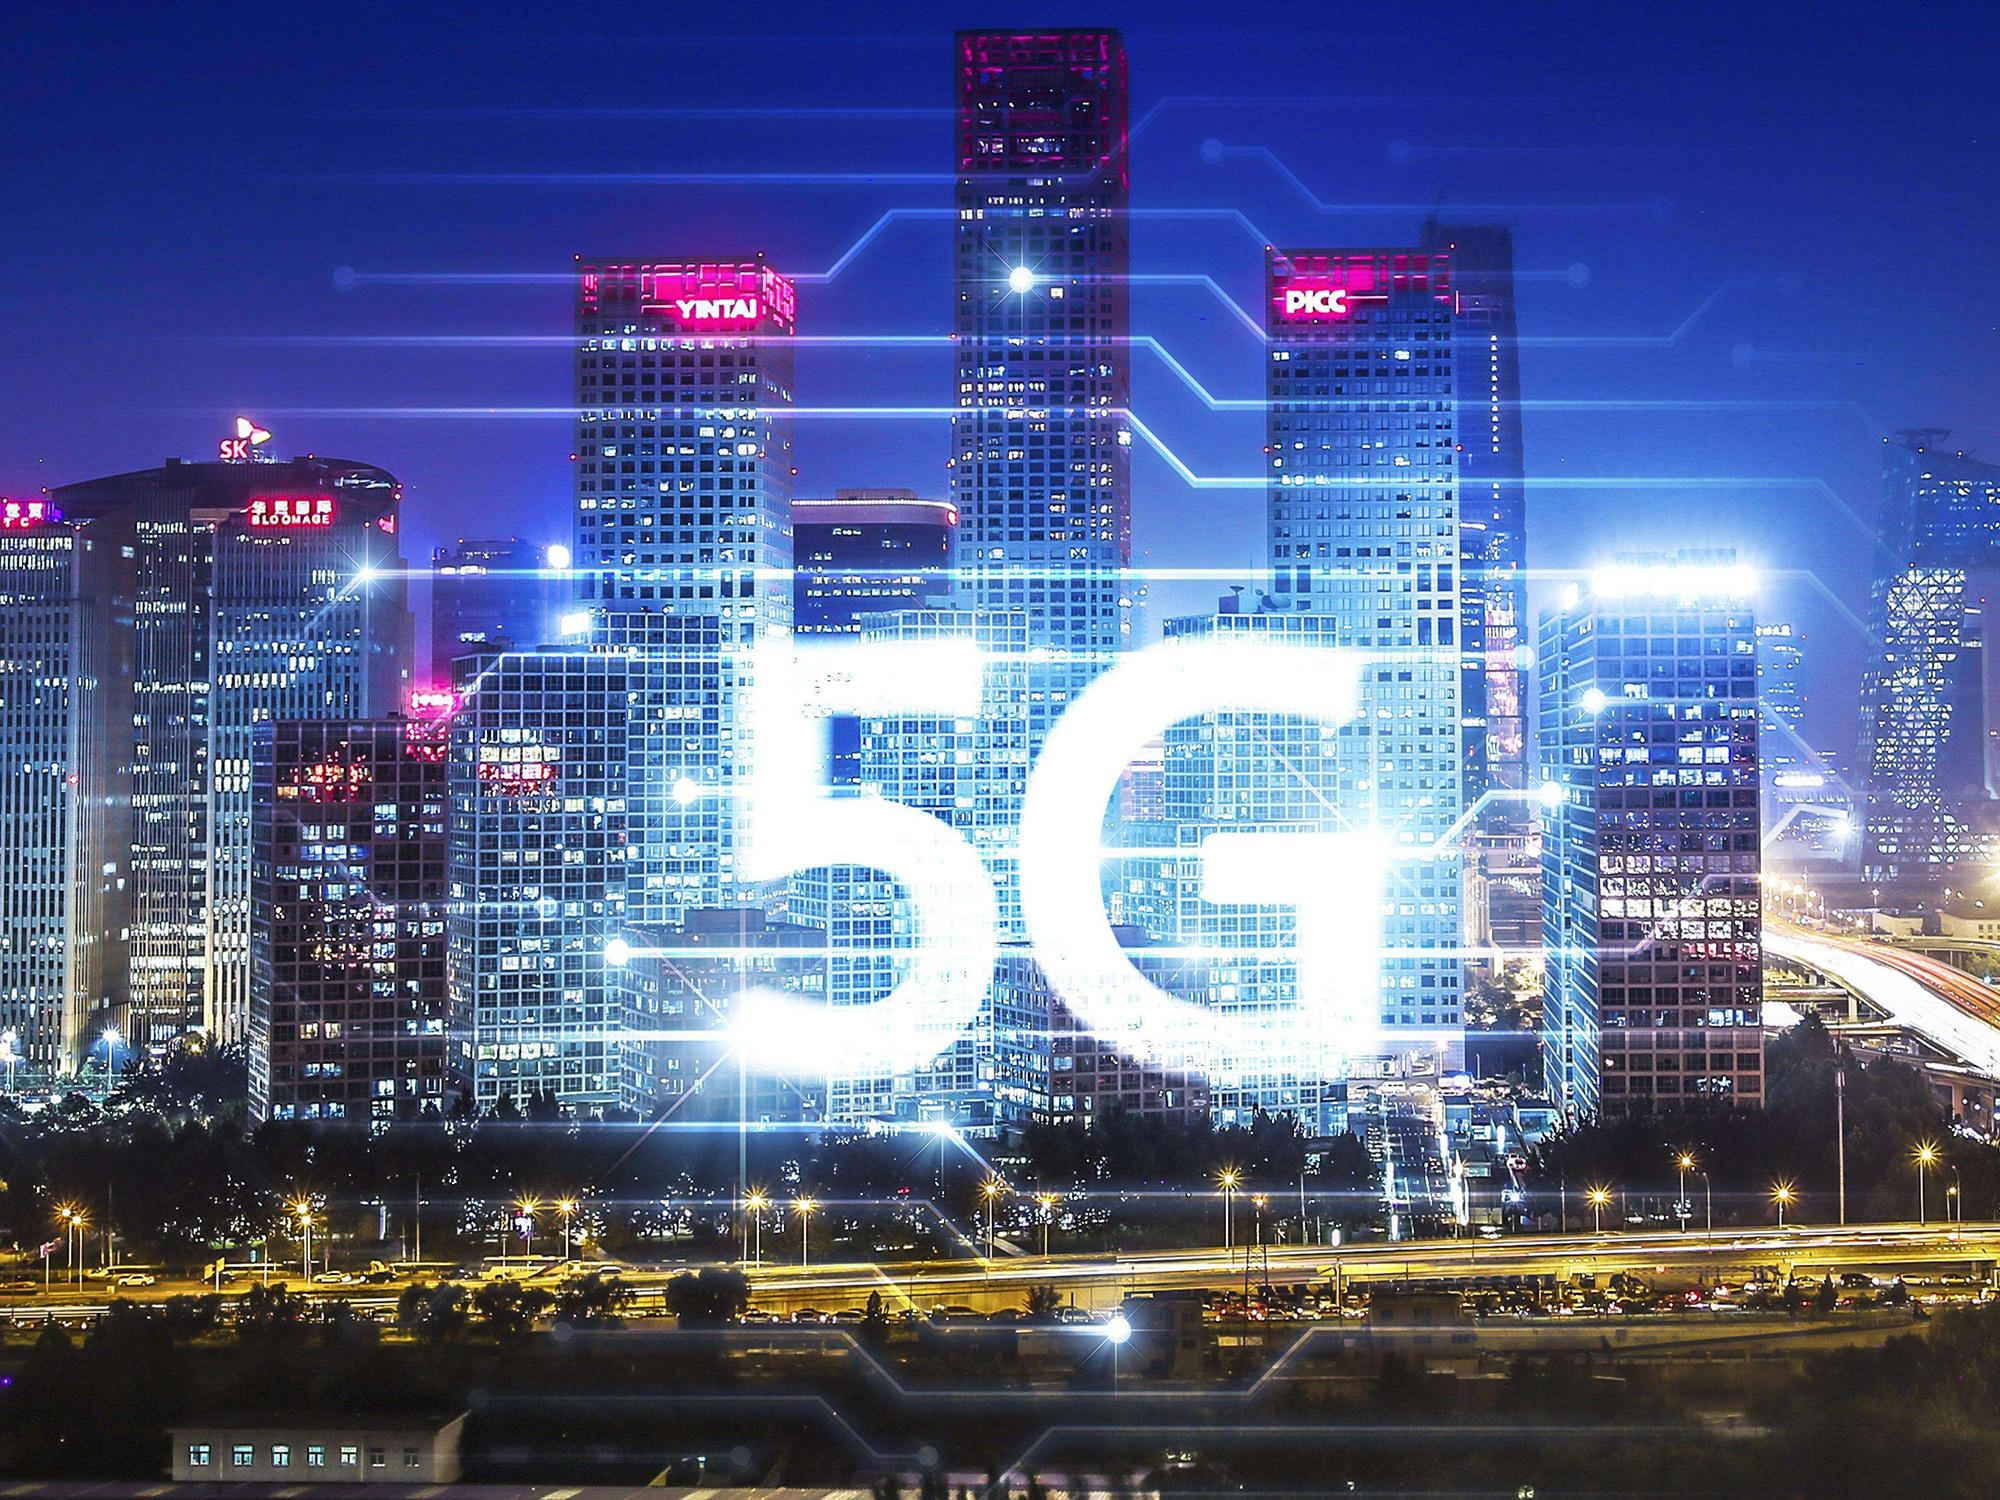 1500档性价比最高的三款5G手机,分别代表性能、均衡和续航